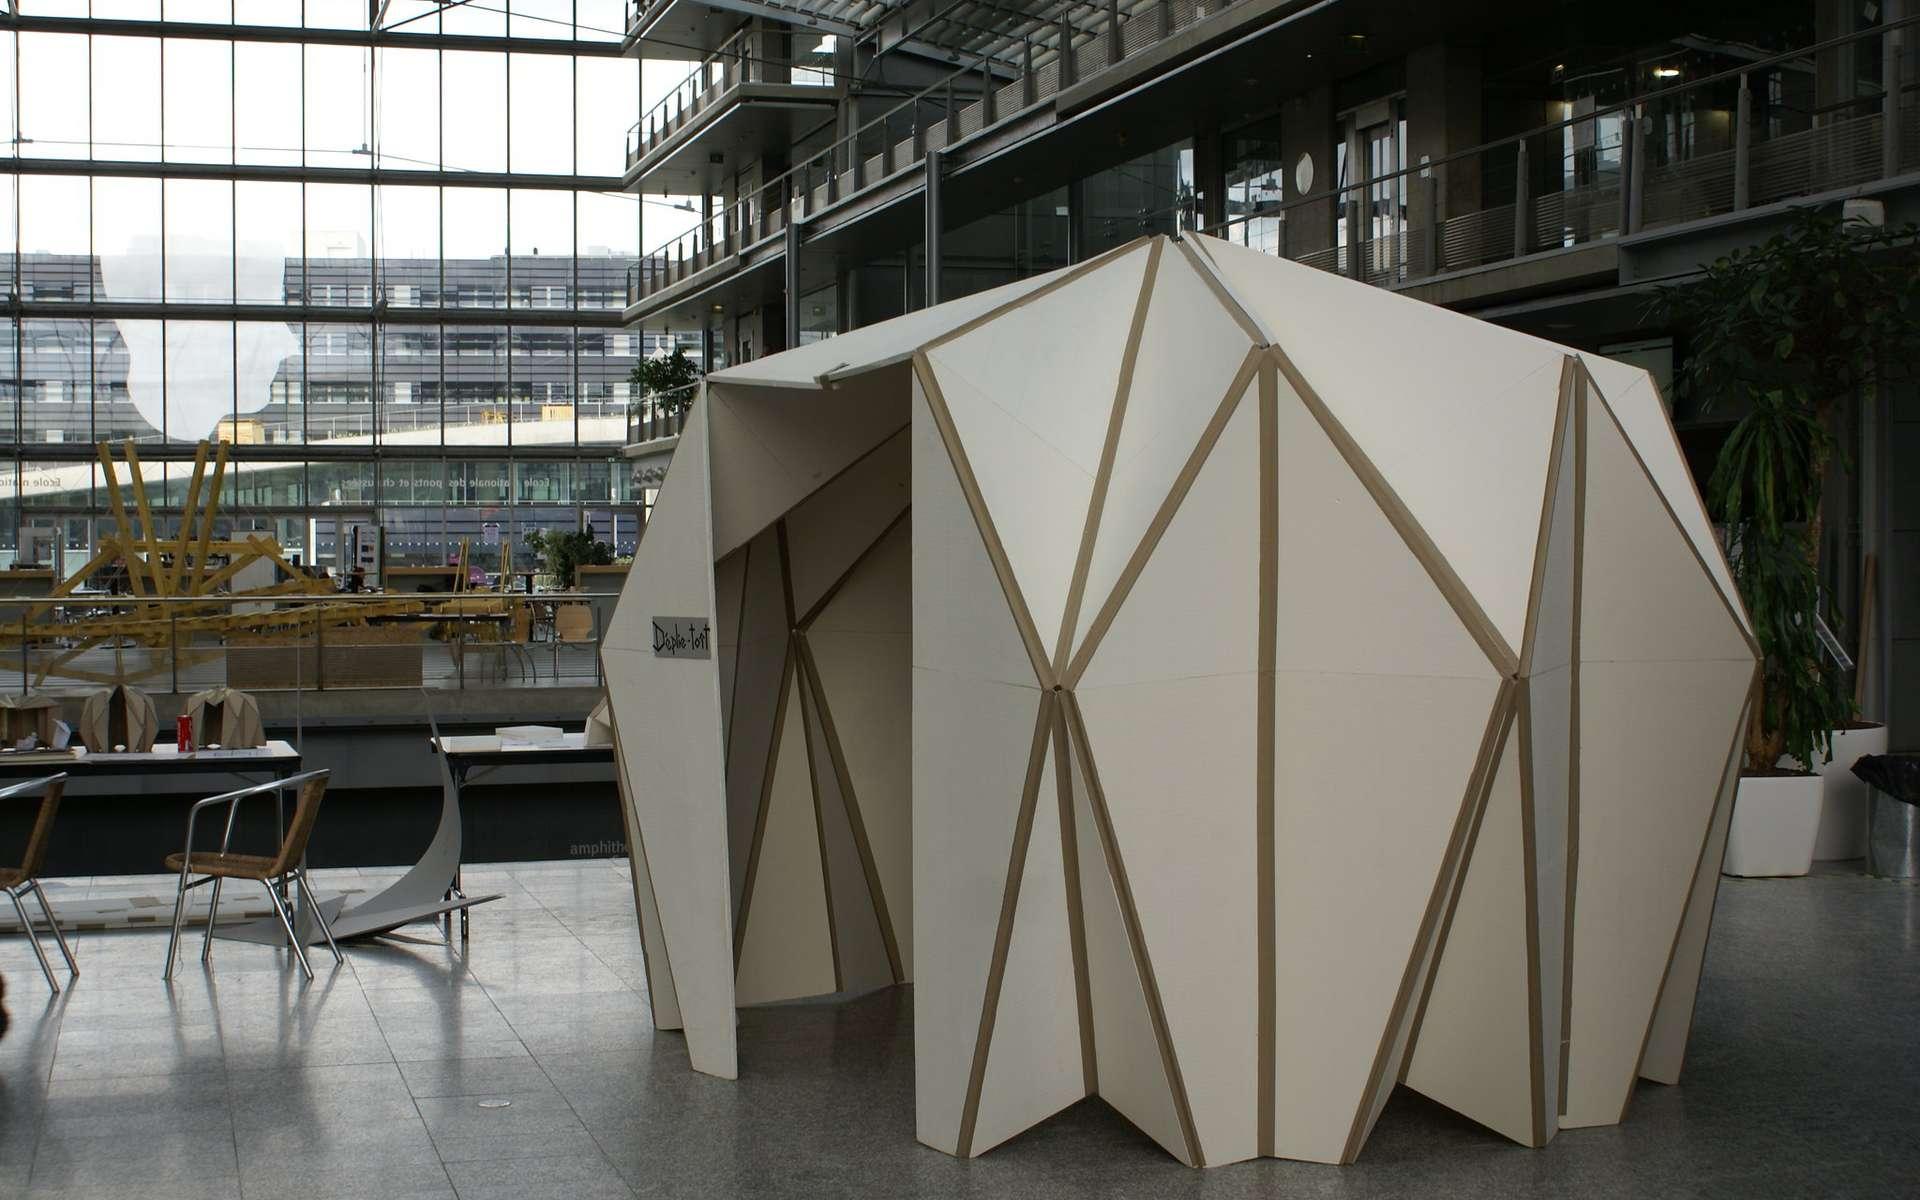 S'inspirer de l'origami pour construire des bâtiments aux formes originales mais plus résistants, voilà l'idée Arthur Lebée, chercheur au laboratoire Navier (École des Ponts - IFSTTAR - CNRS), qui souhaite rapprocher ingénierie et architecture grâce aux sciences de l'origami. © Arthur Lebée, tous droits réservés